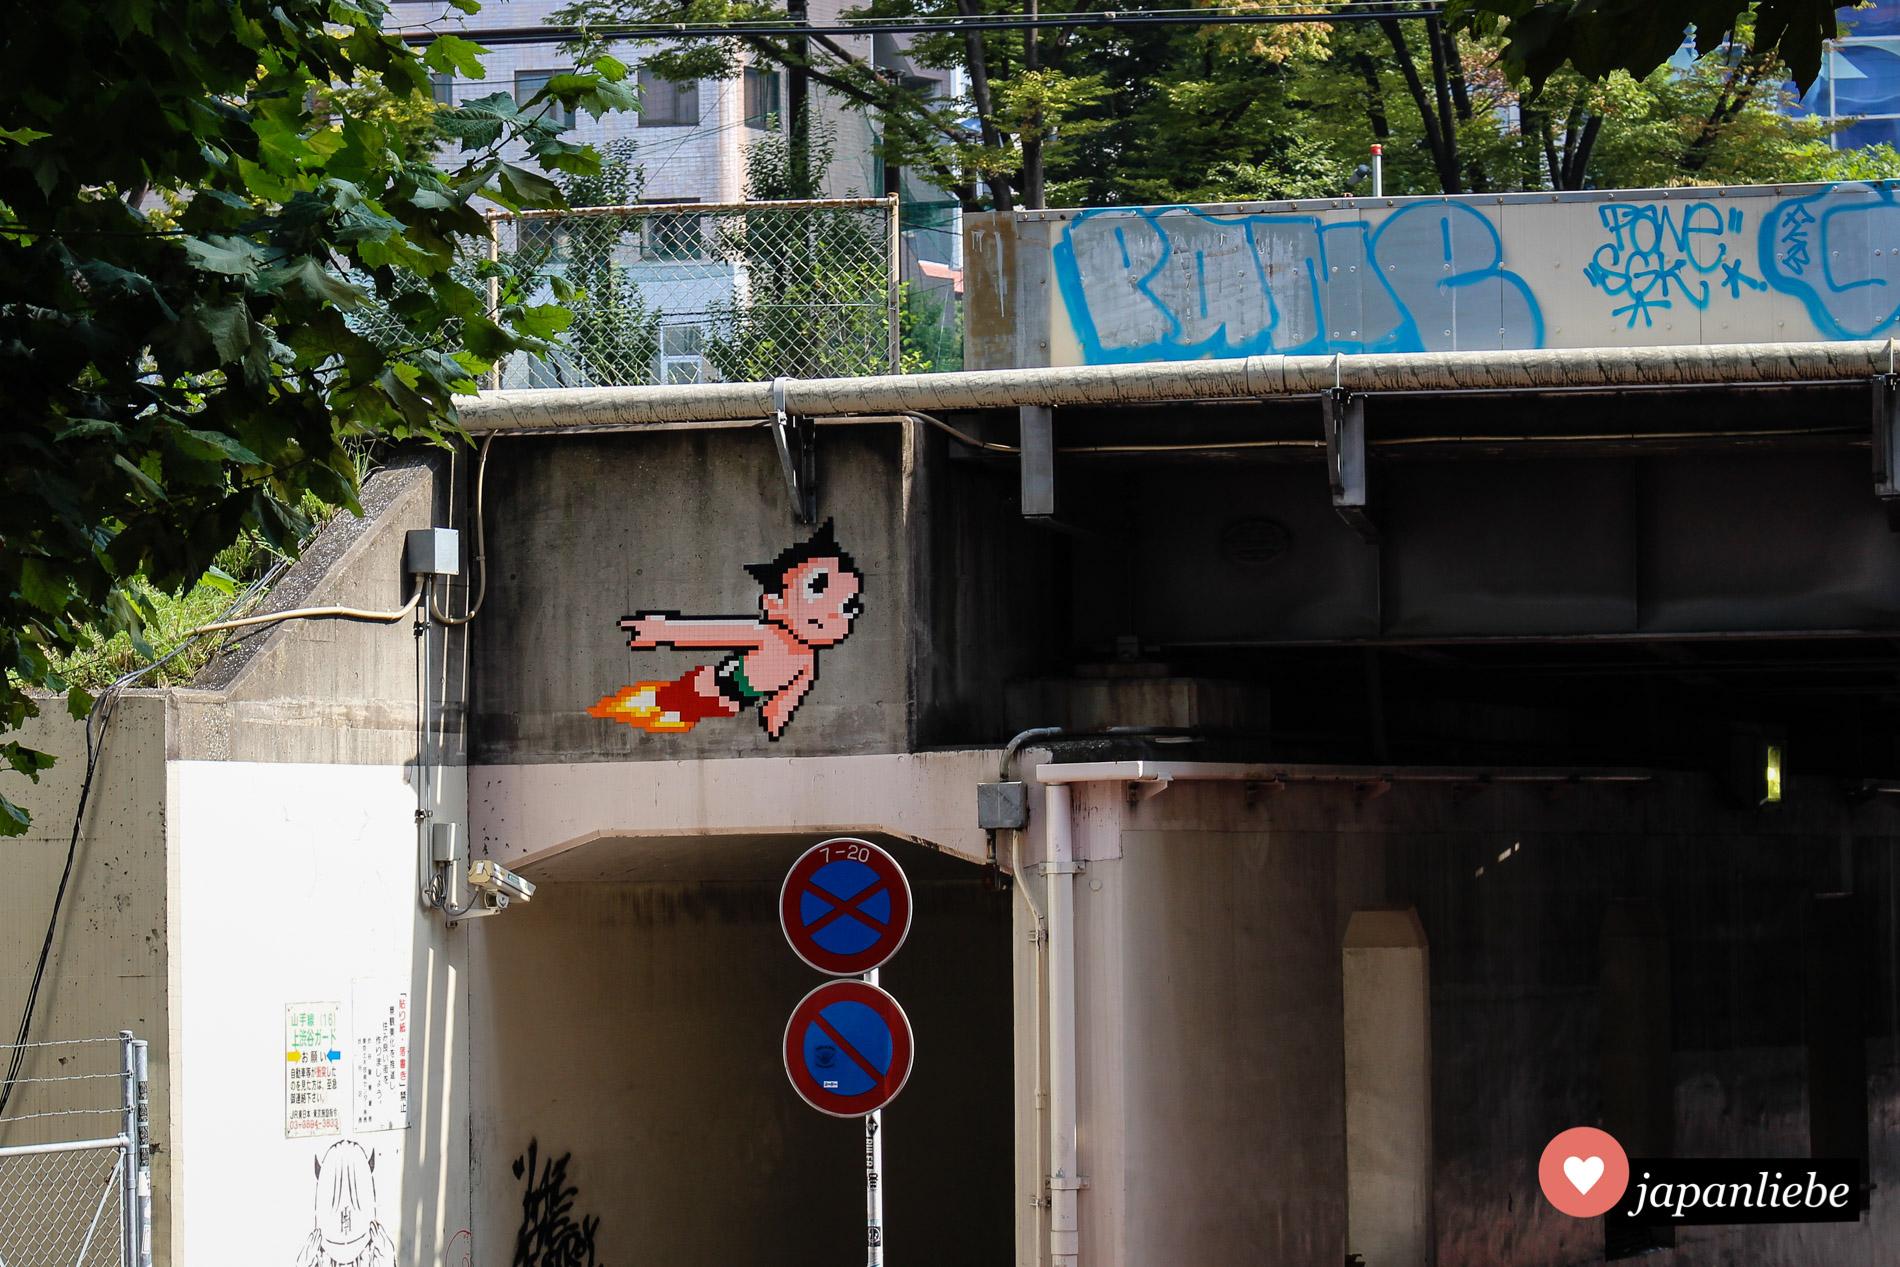 Das Astro-Boy-Mosaik des französischen Street-Art-Künstlers Invader in Shibuya.